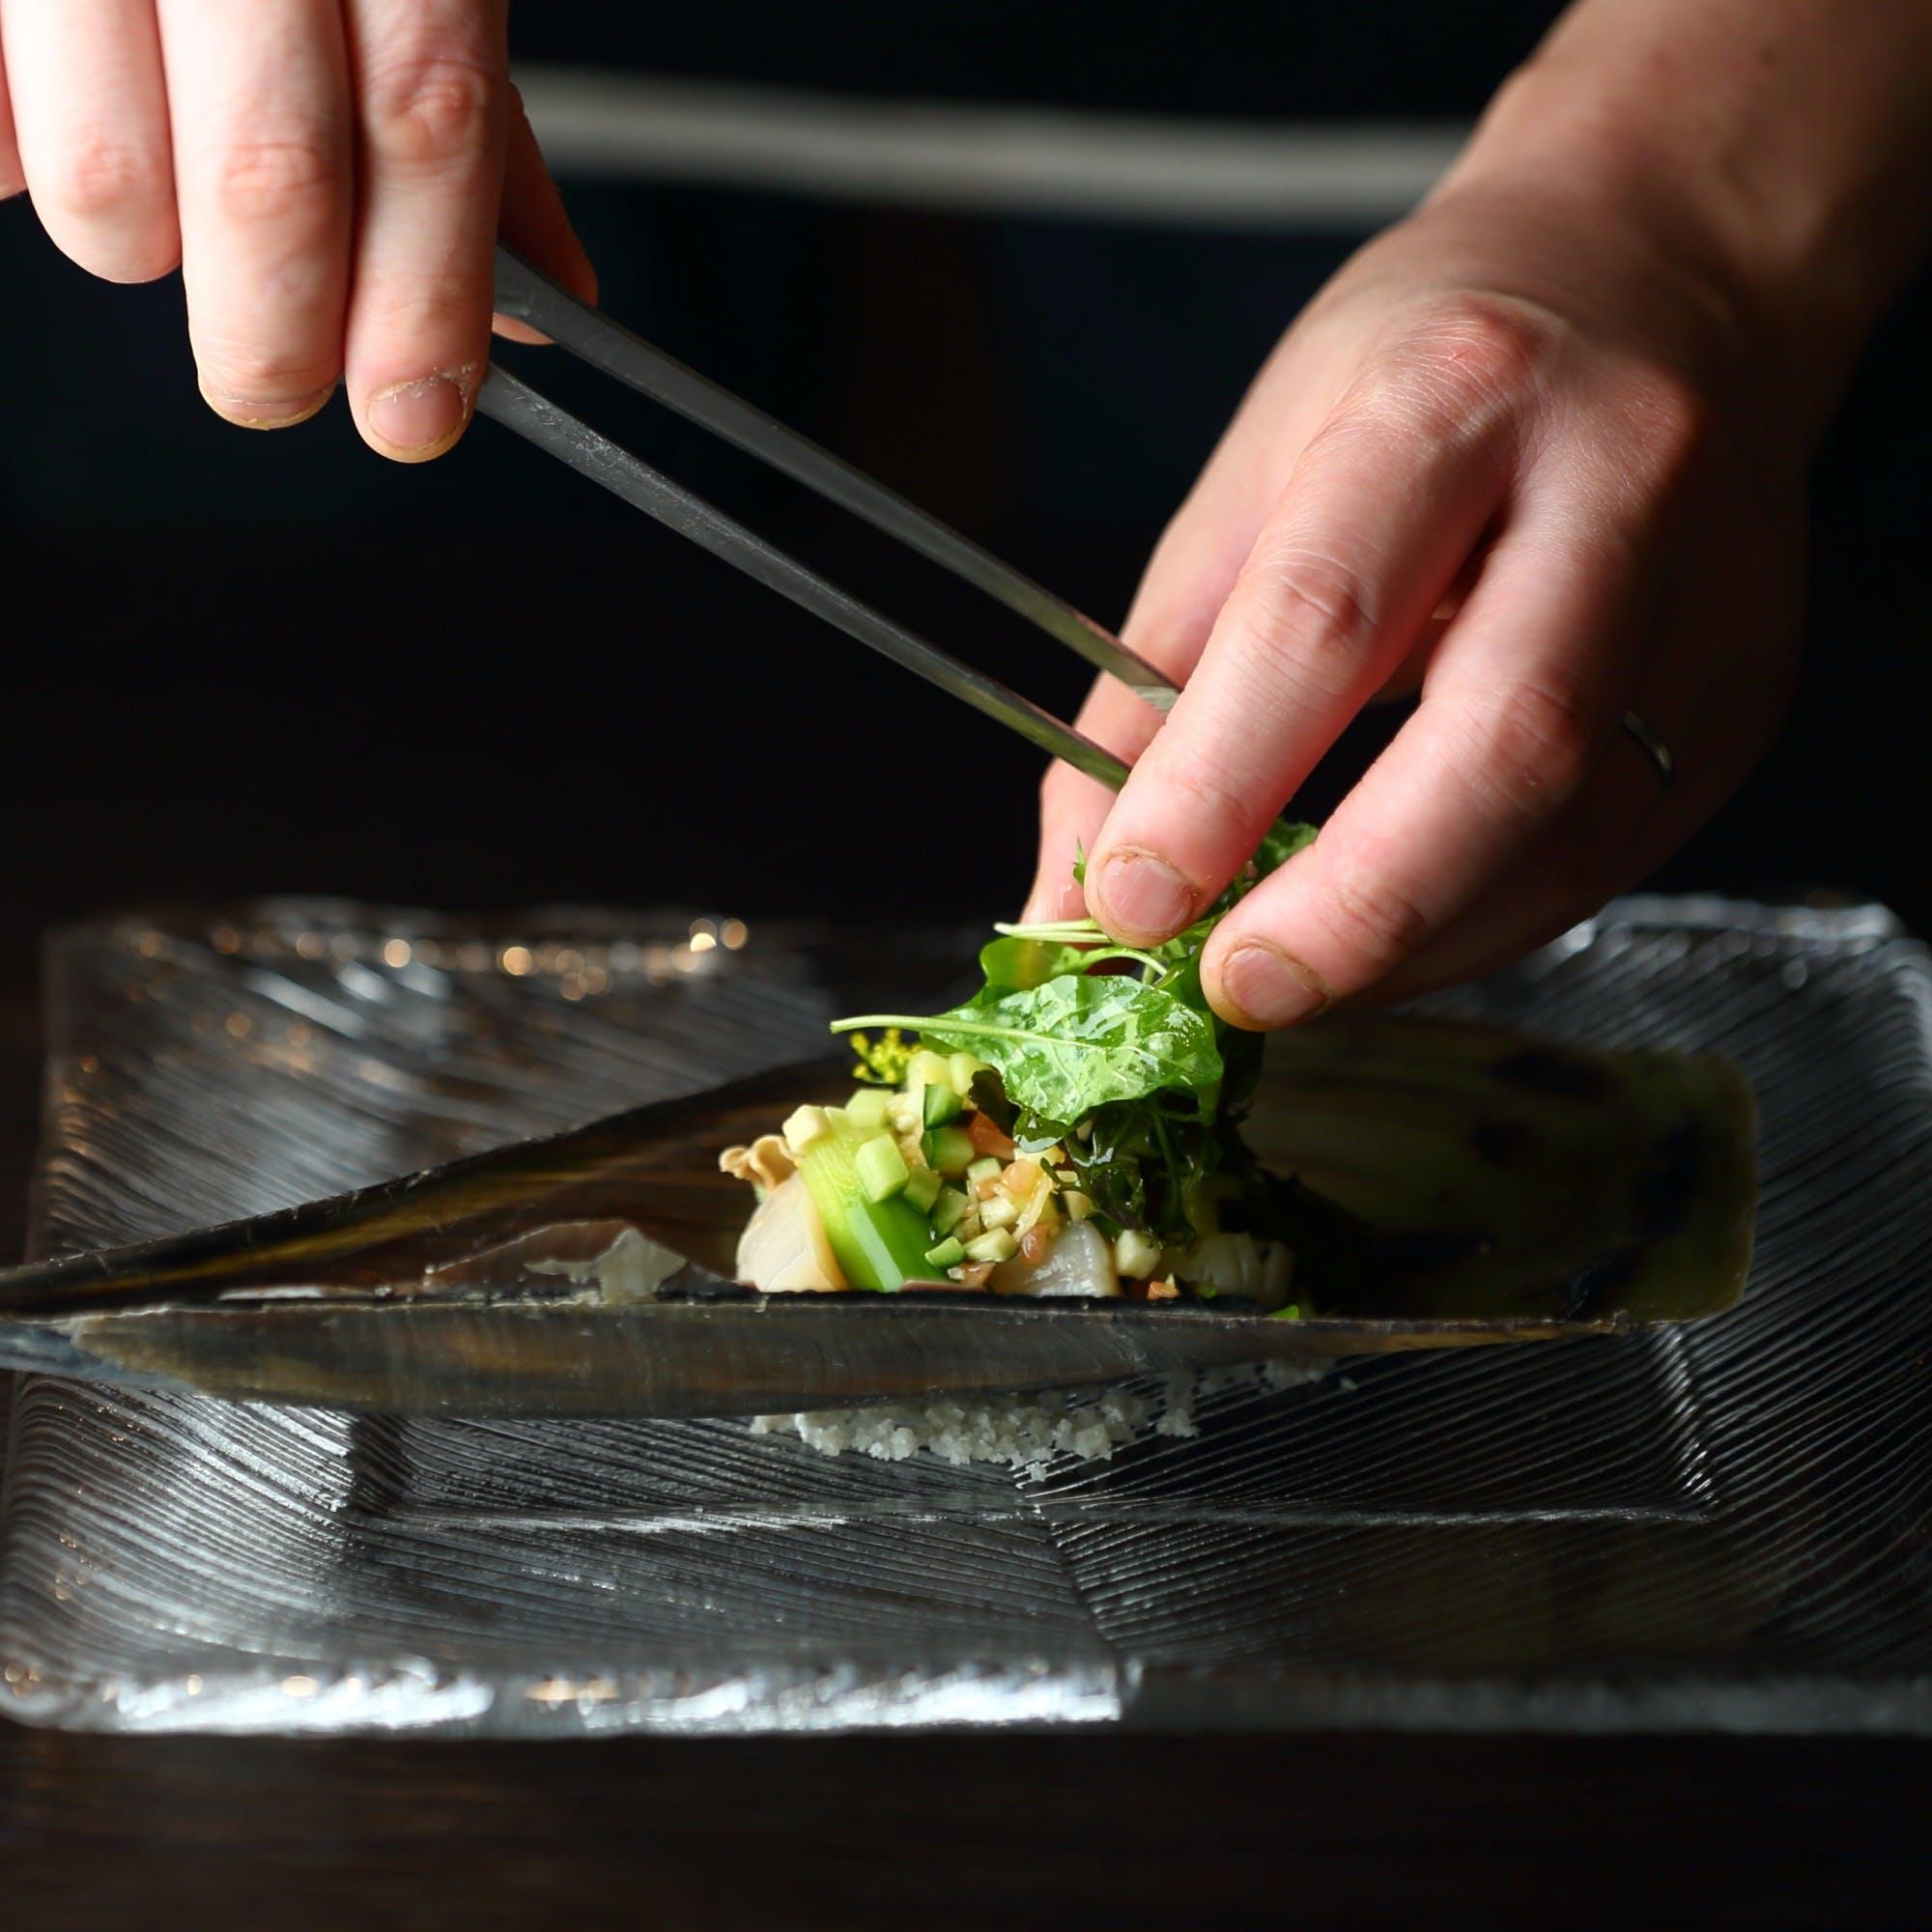 自然食材にこだわり、最大限に食材の味を生かす調理法